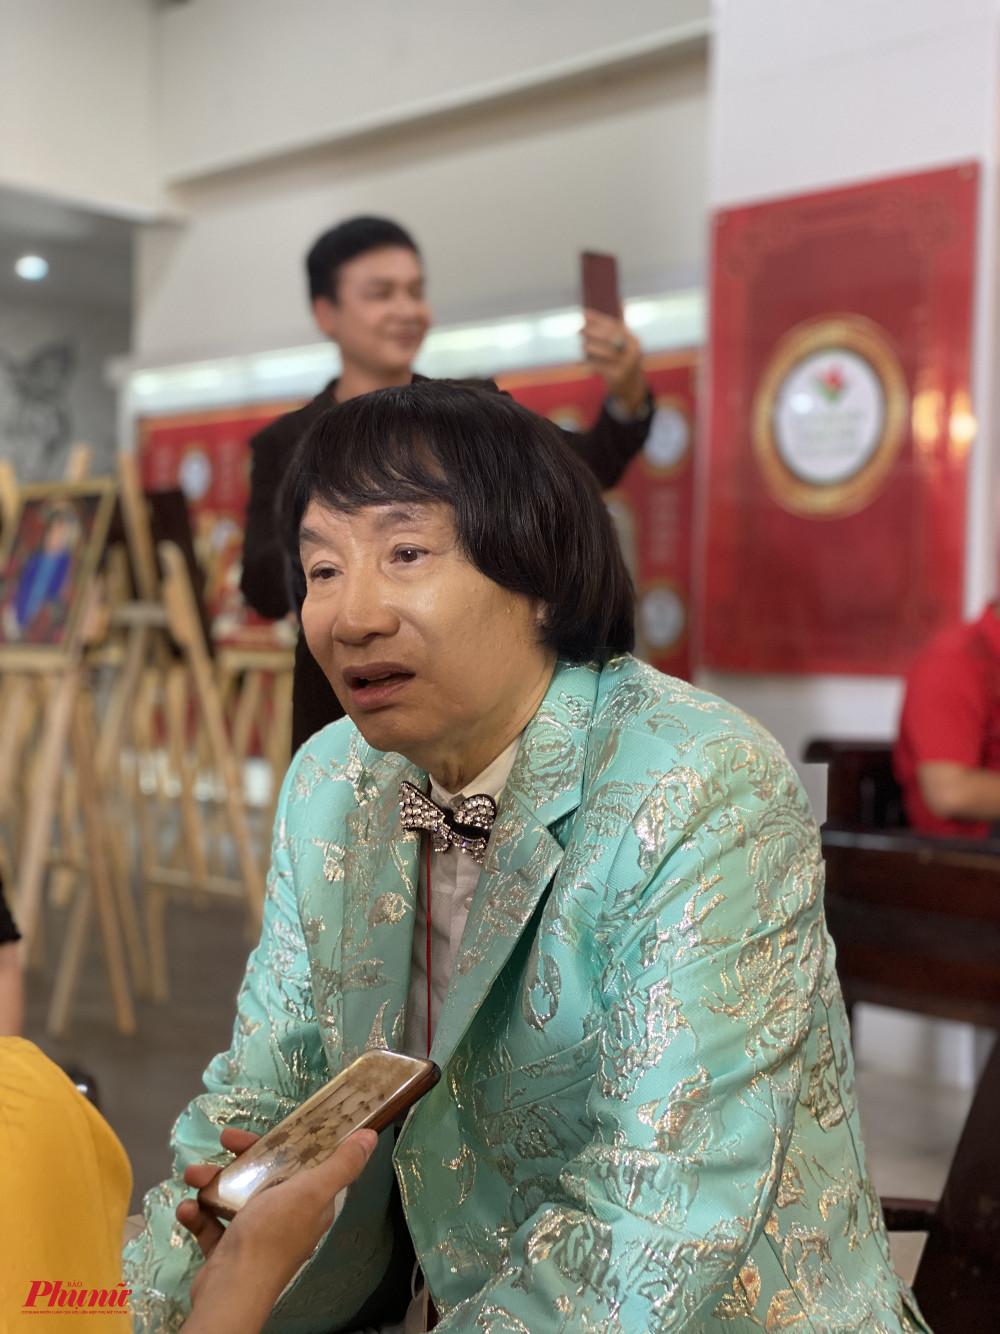 NSND Minh Vương tham gia lễ giổ tổ sân khấu được tổ chức sớm tại Nhà Văn hoá Thanh niên TPHCM hôm 26/9